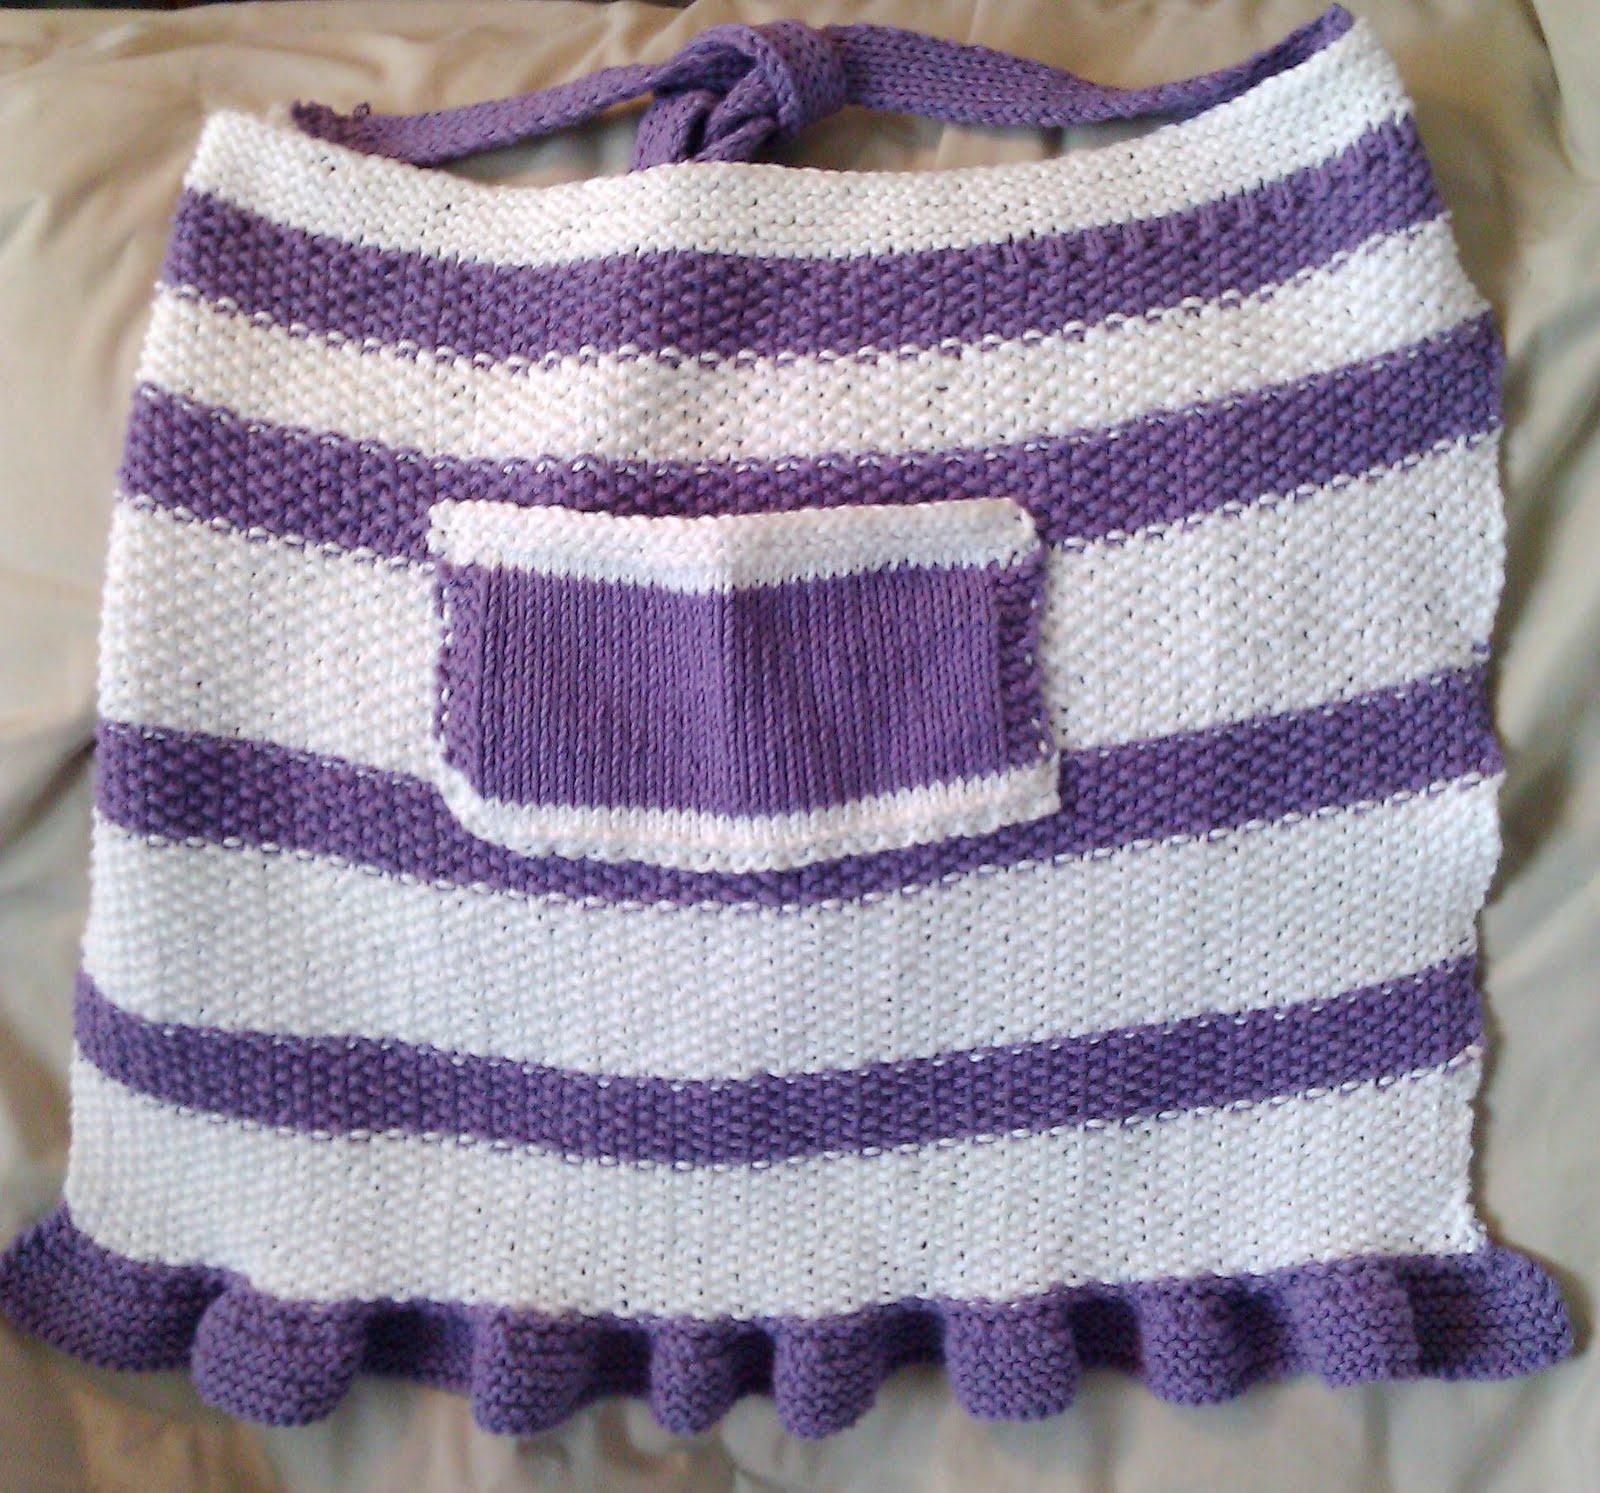 Mix Stitch Apron Knitting Pattern